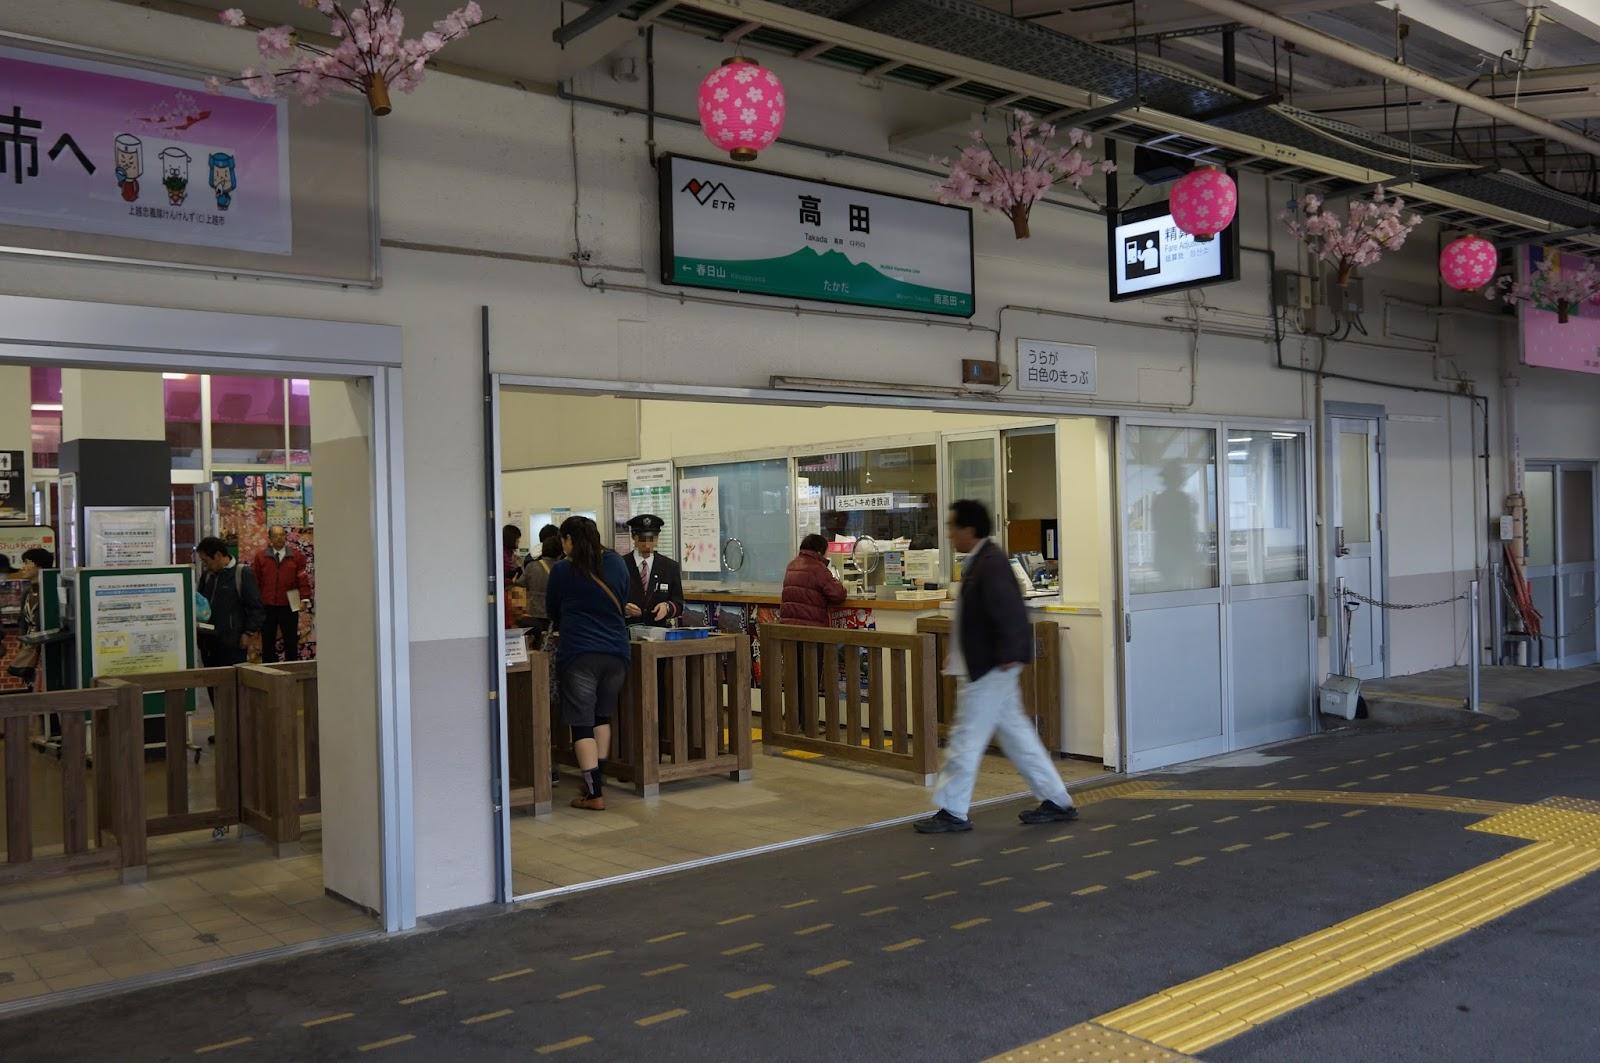 えちごトキめき鉄道高田駅の改札